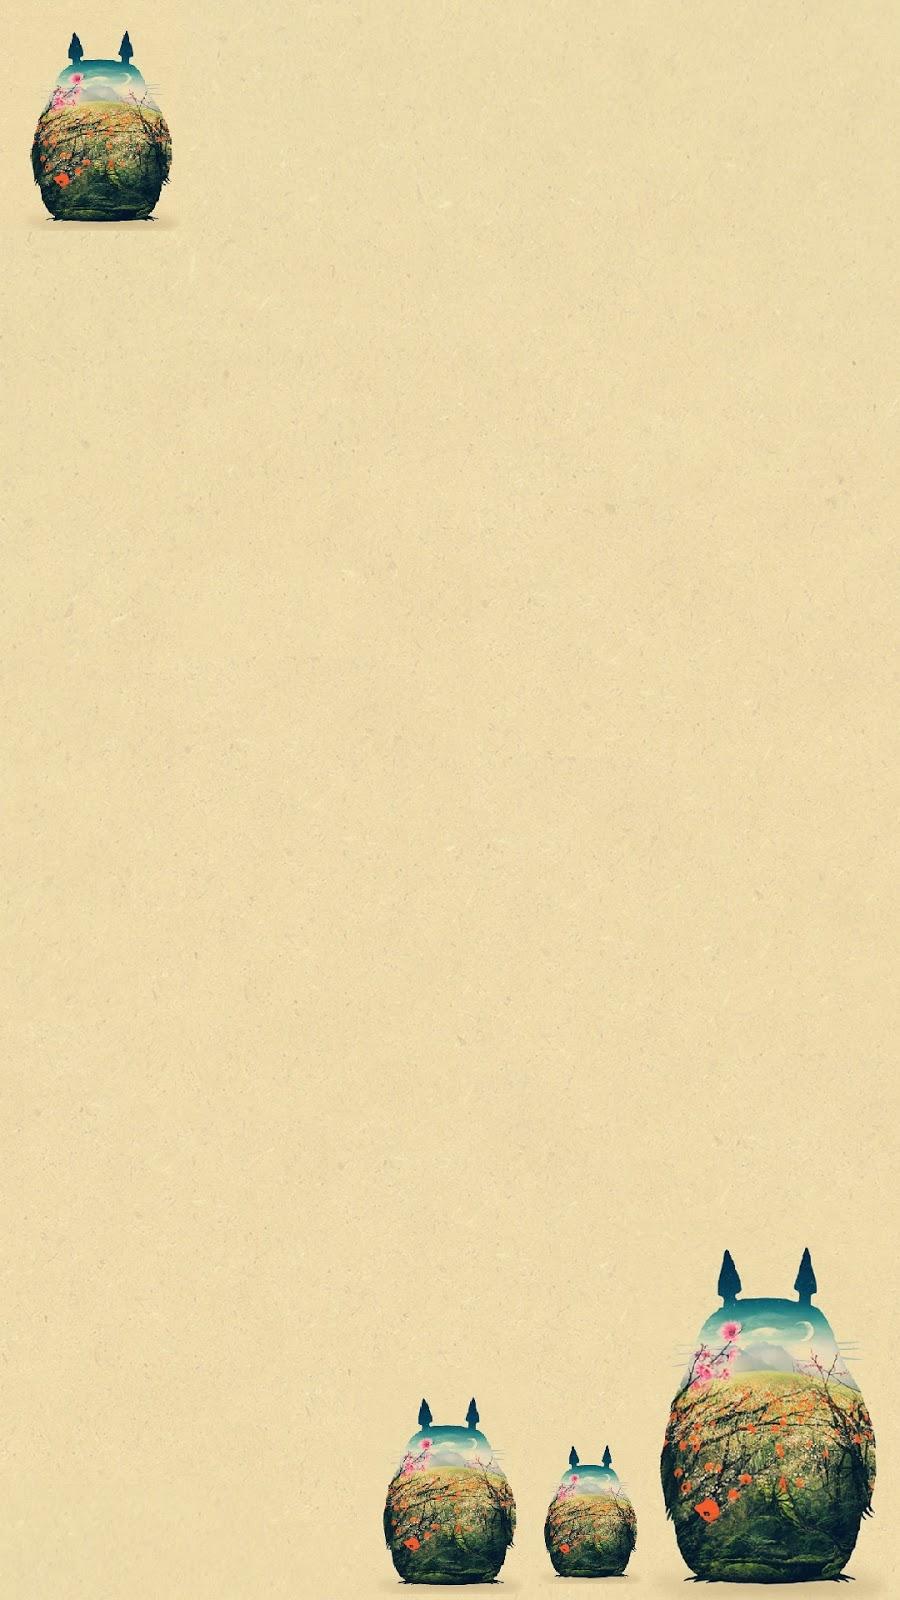 হেমন্তে লেখা পদাবলি-১